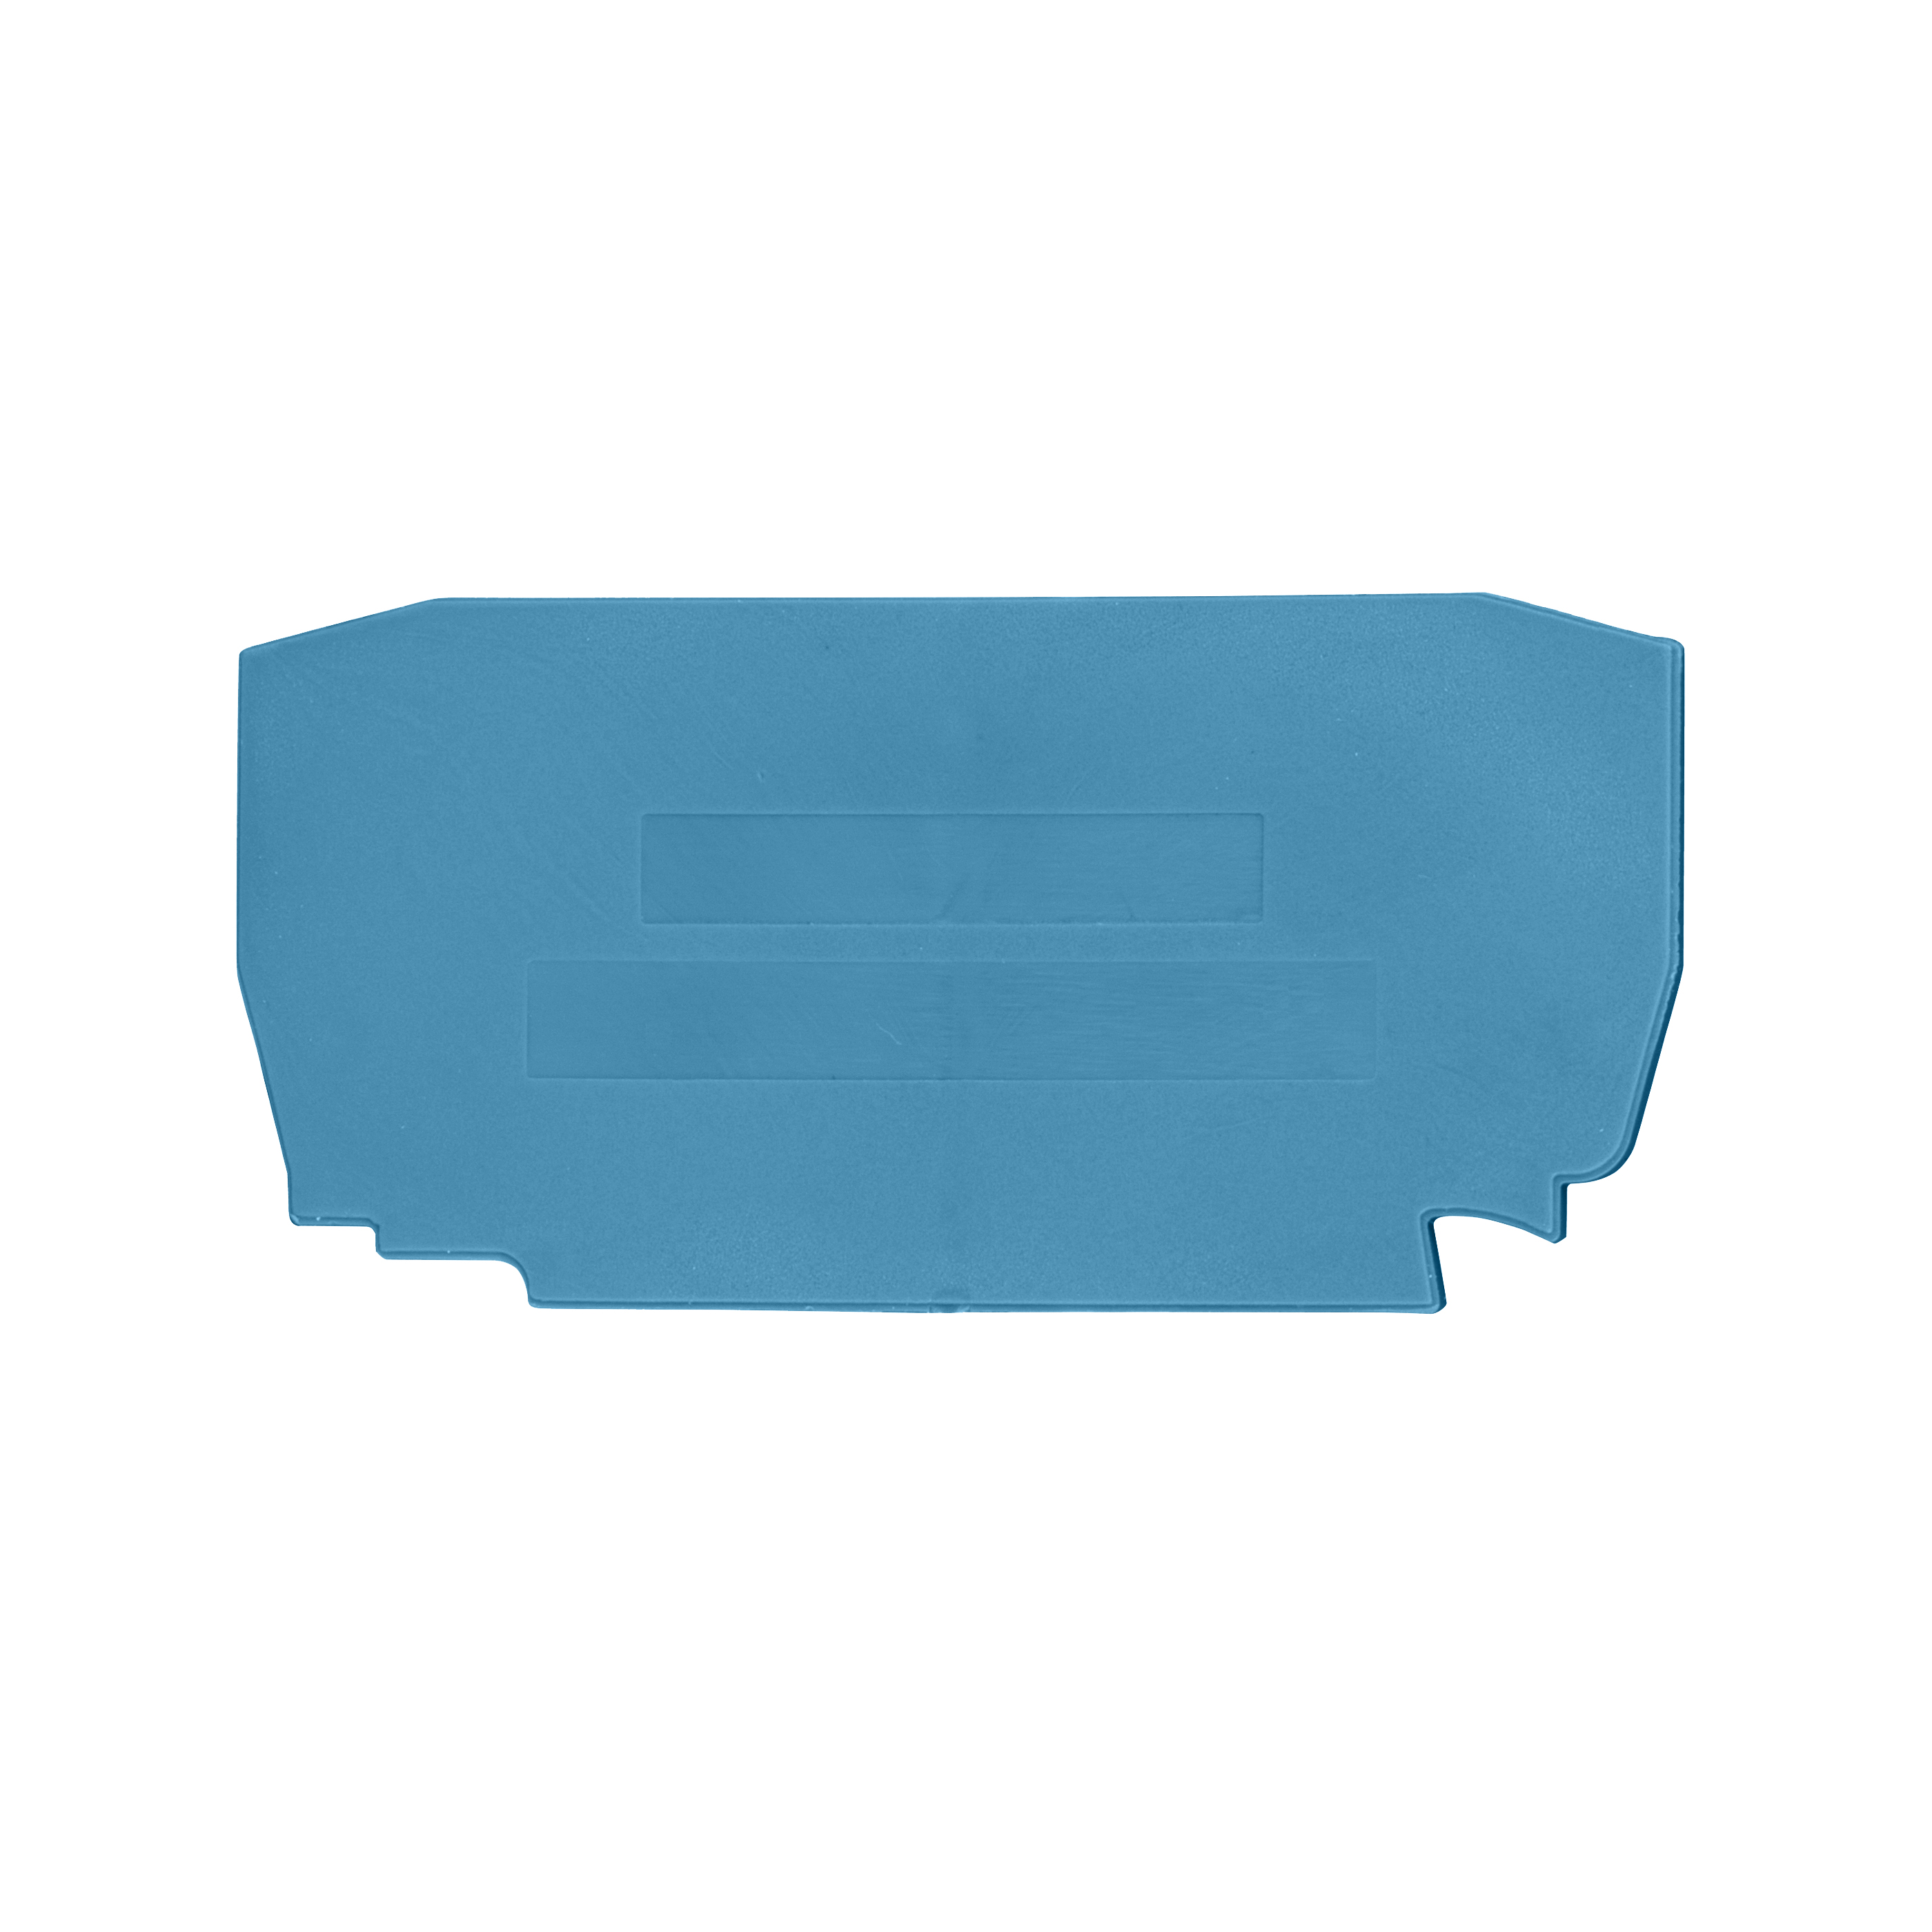 1 Stk Endplatte für Federkraftklemme, Type YBK 2,5mm², blau IK611202--